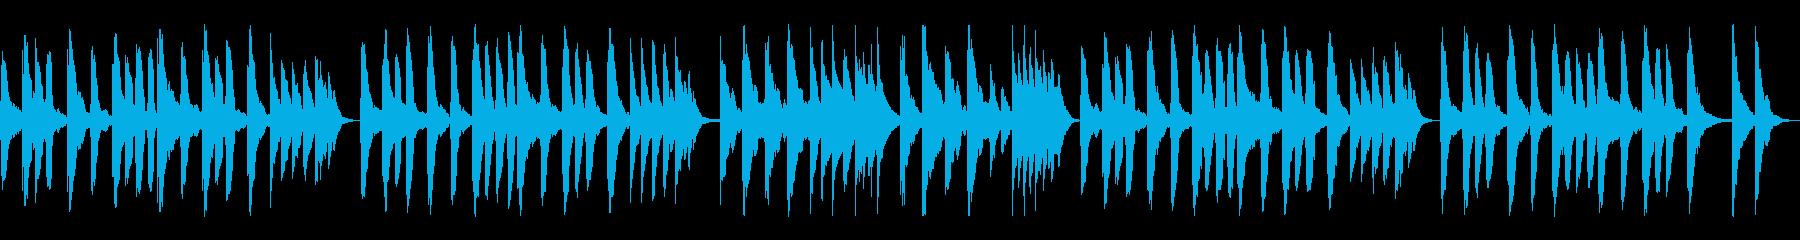 ほのぼのゆったりオーケストラ。ループ可♪の再生済みの波形